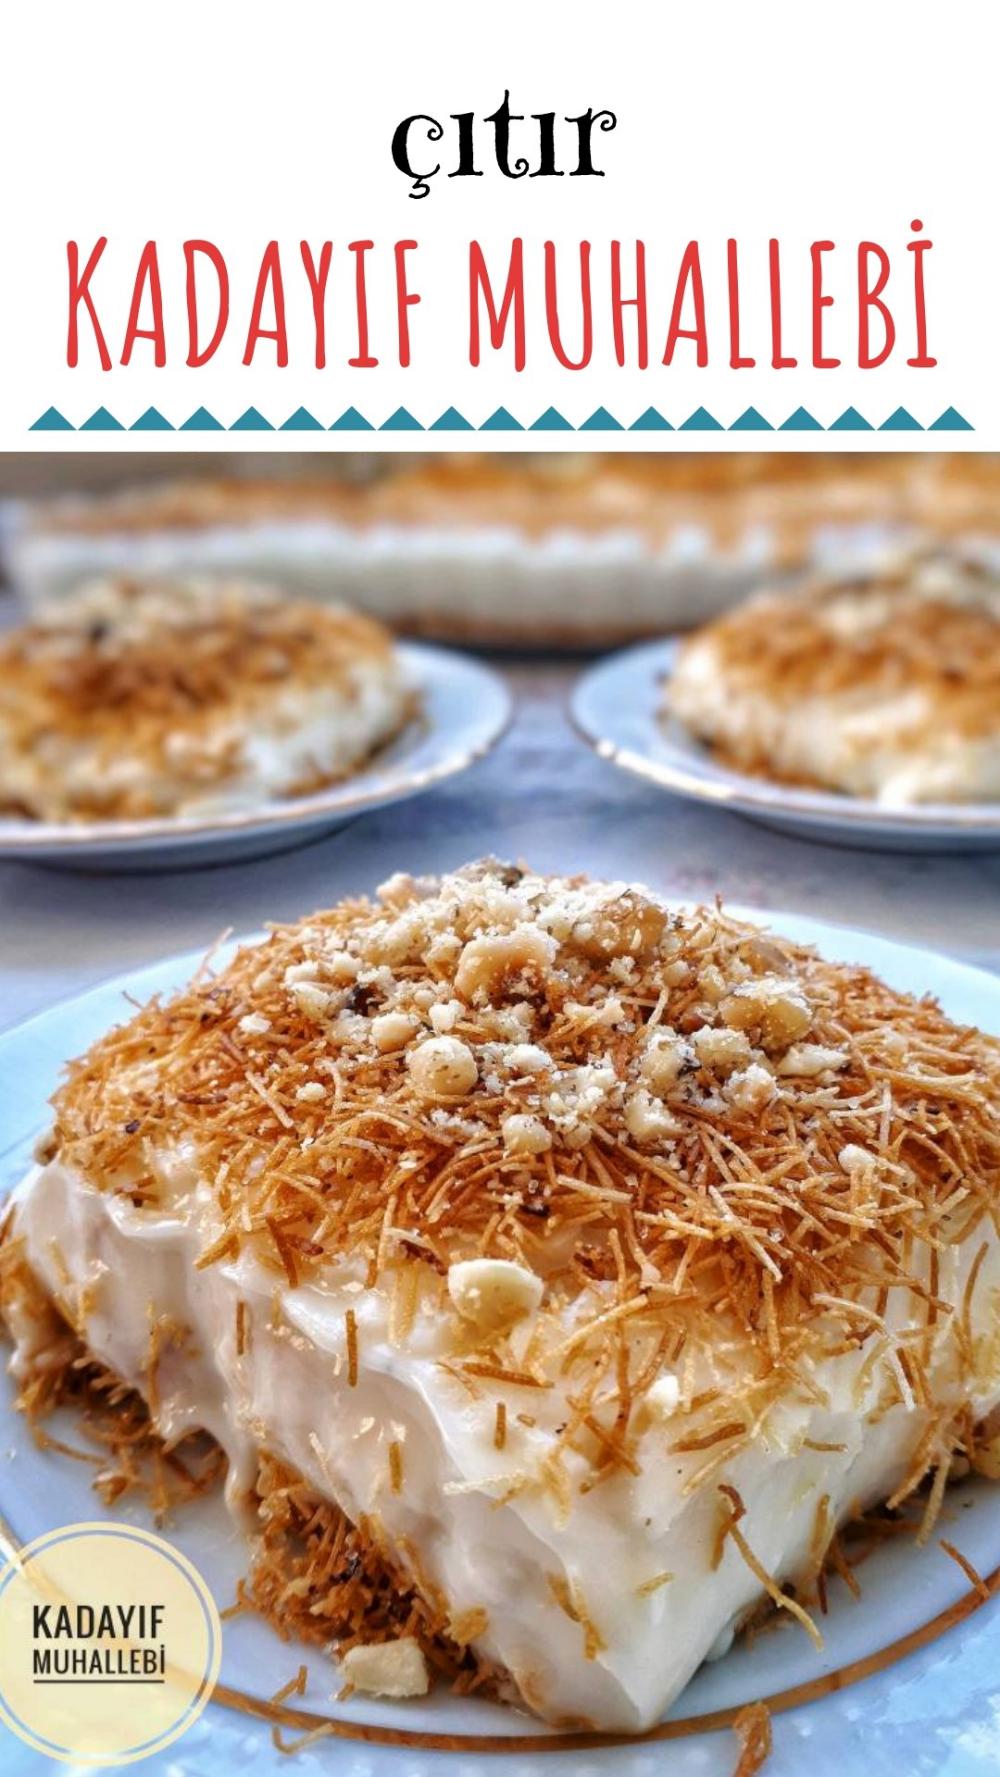 Çıtır Kadayıf Muhallebi (Kreması Harika) Tarifi nasıl yapılır? 12.479 kişinin defterindeki bu tarifin resimli anlatımı ve deneyenlerin fotoğrafları burada. Yazar: ilknur Han #çıtırkadayıfmuhallebi #sütlütatlılar #nefisyemektarifleri #yemektarifleri #tarifsunum #lezzetlitarifler #lezzet #sunum #sunumönemlidir #tarif #yemek #food #yummy #tortenrezepte